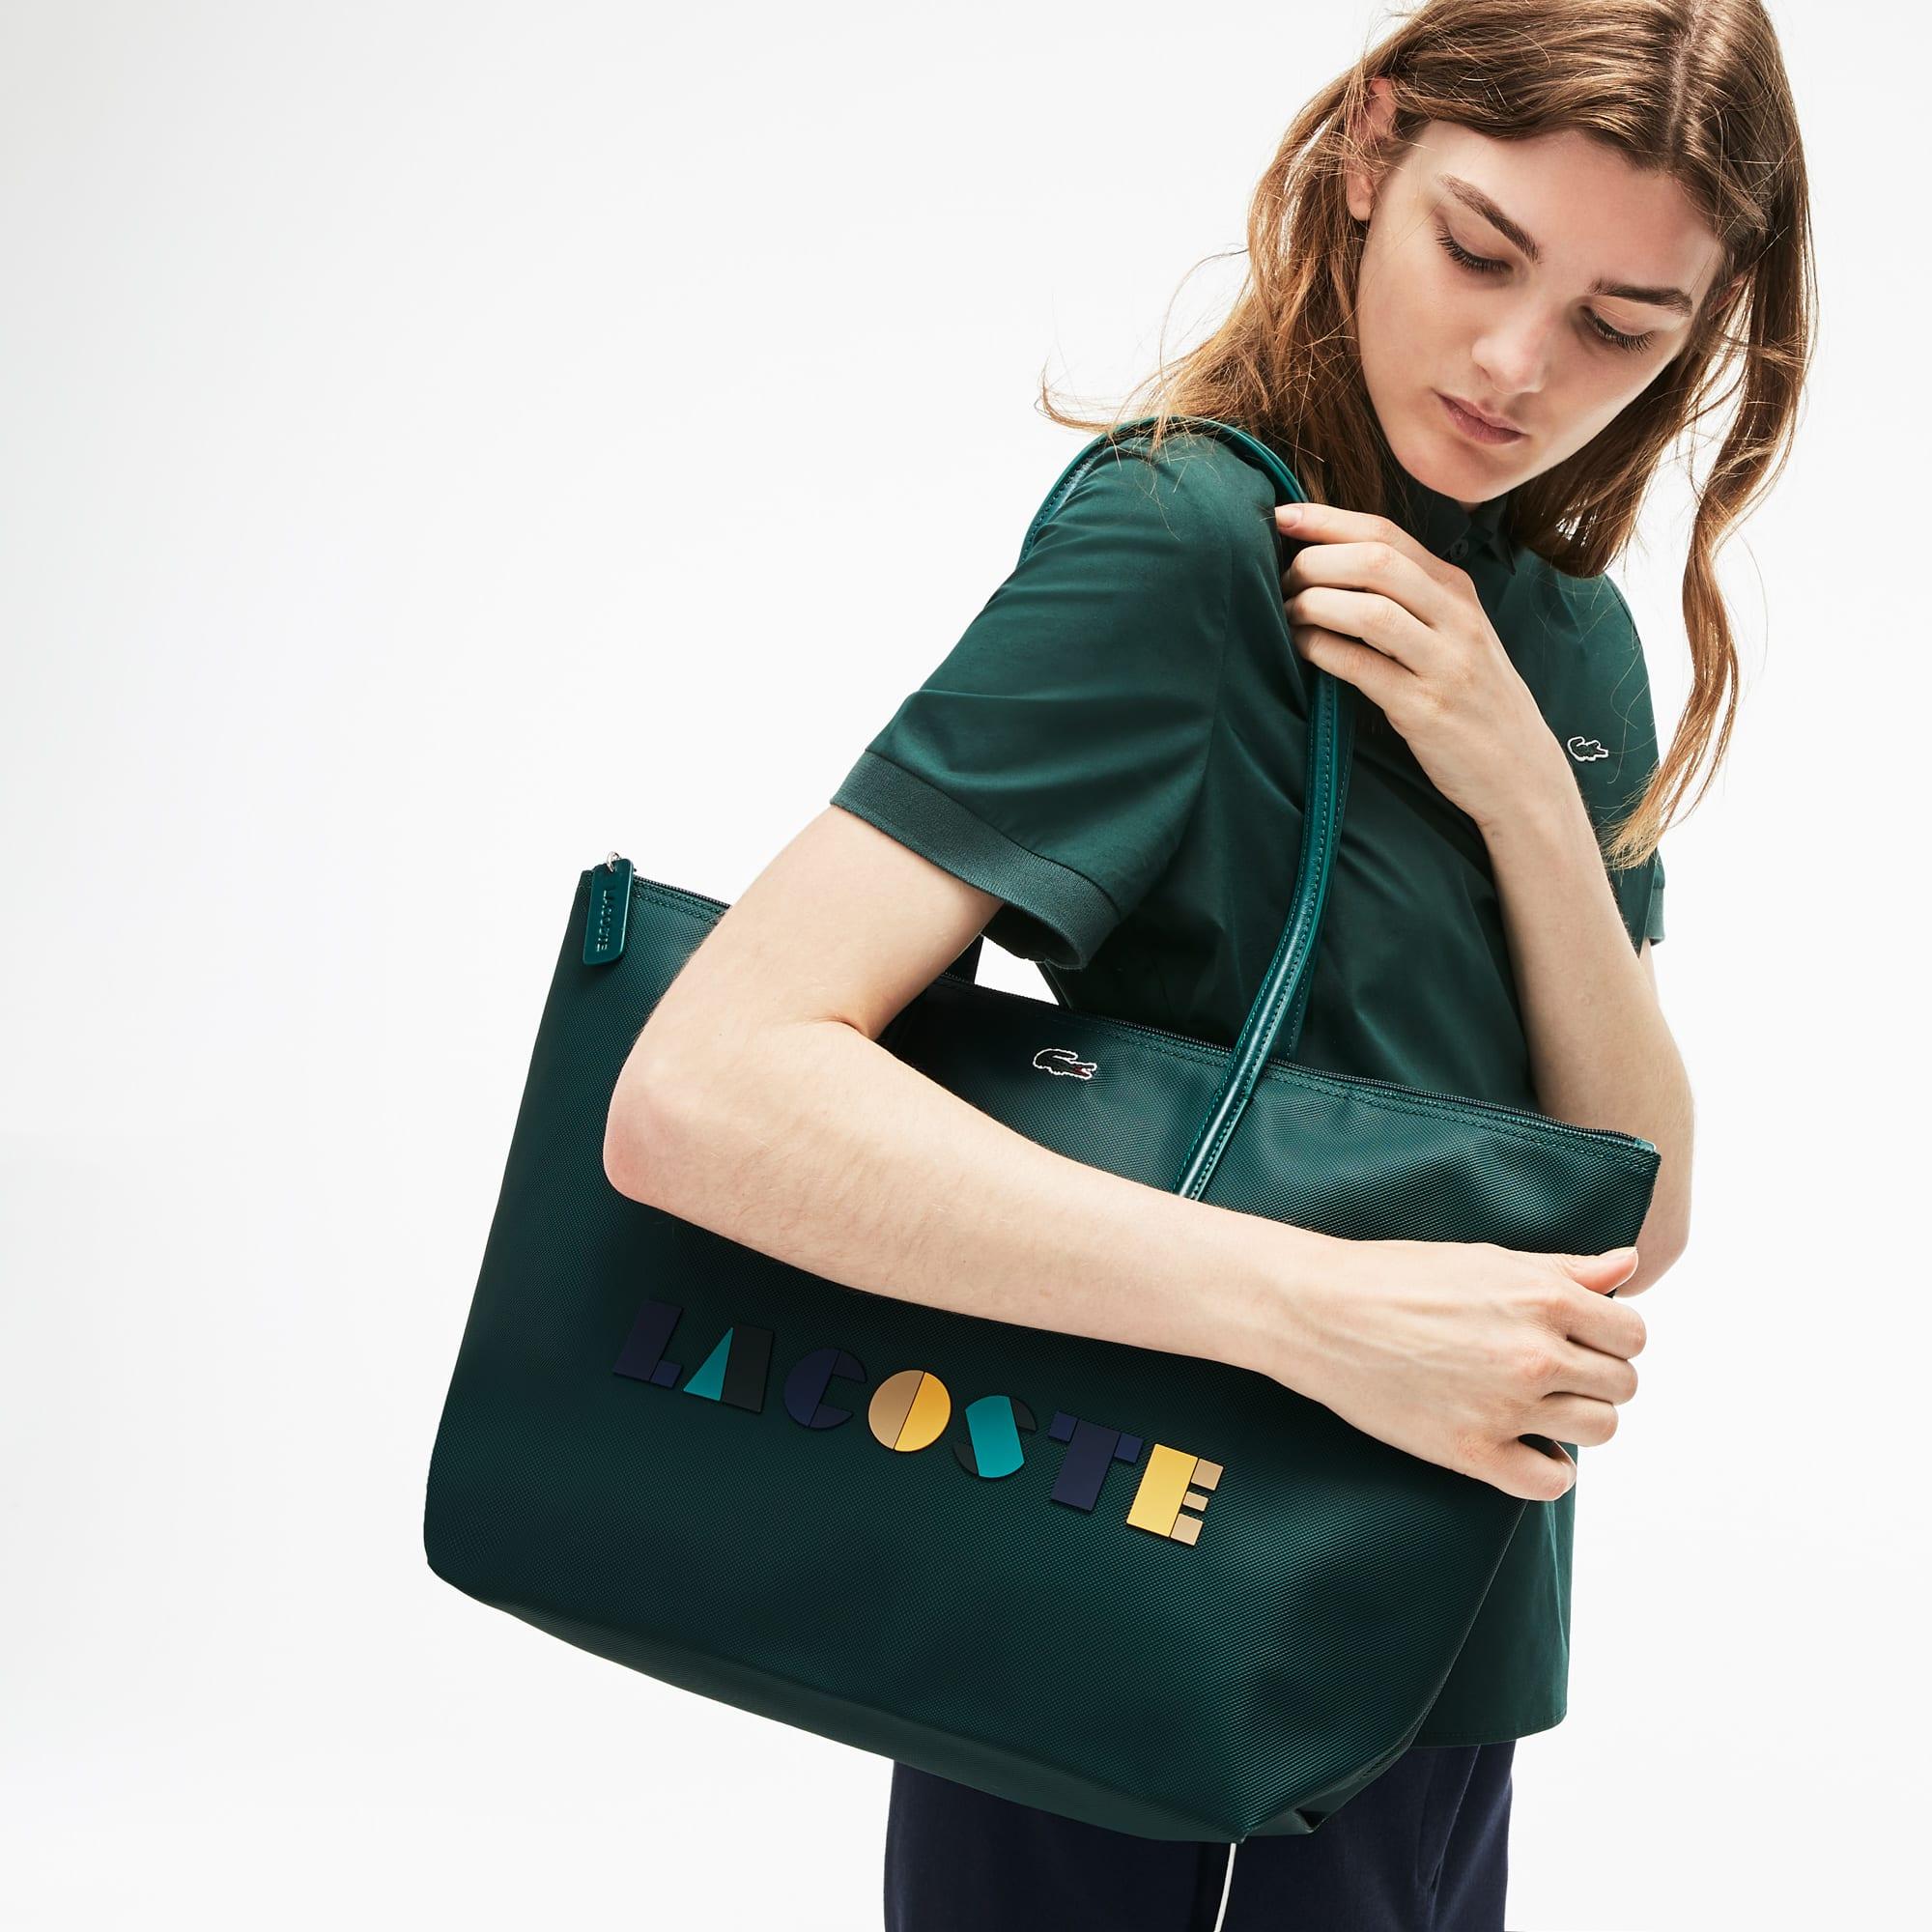 48004d0231 Grand sac cabas zippé L.12.12 Concept avec marquage Lacoste